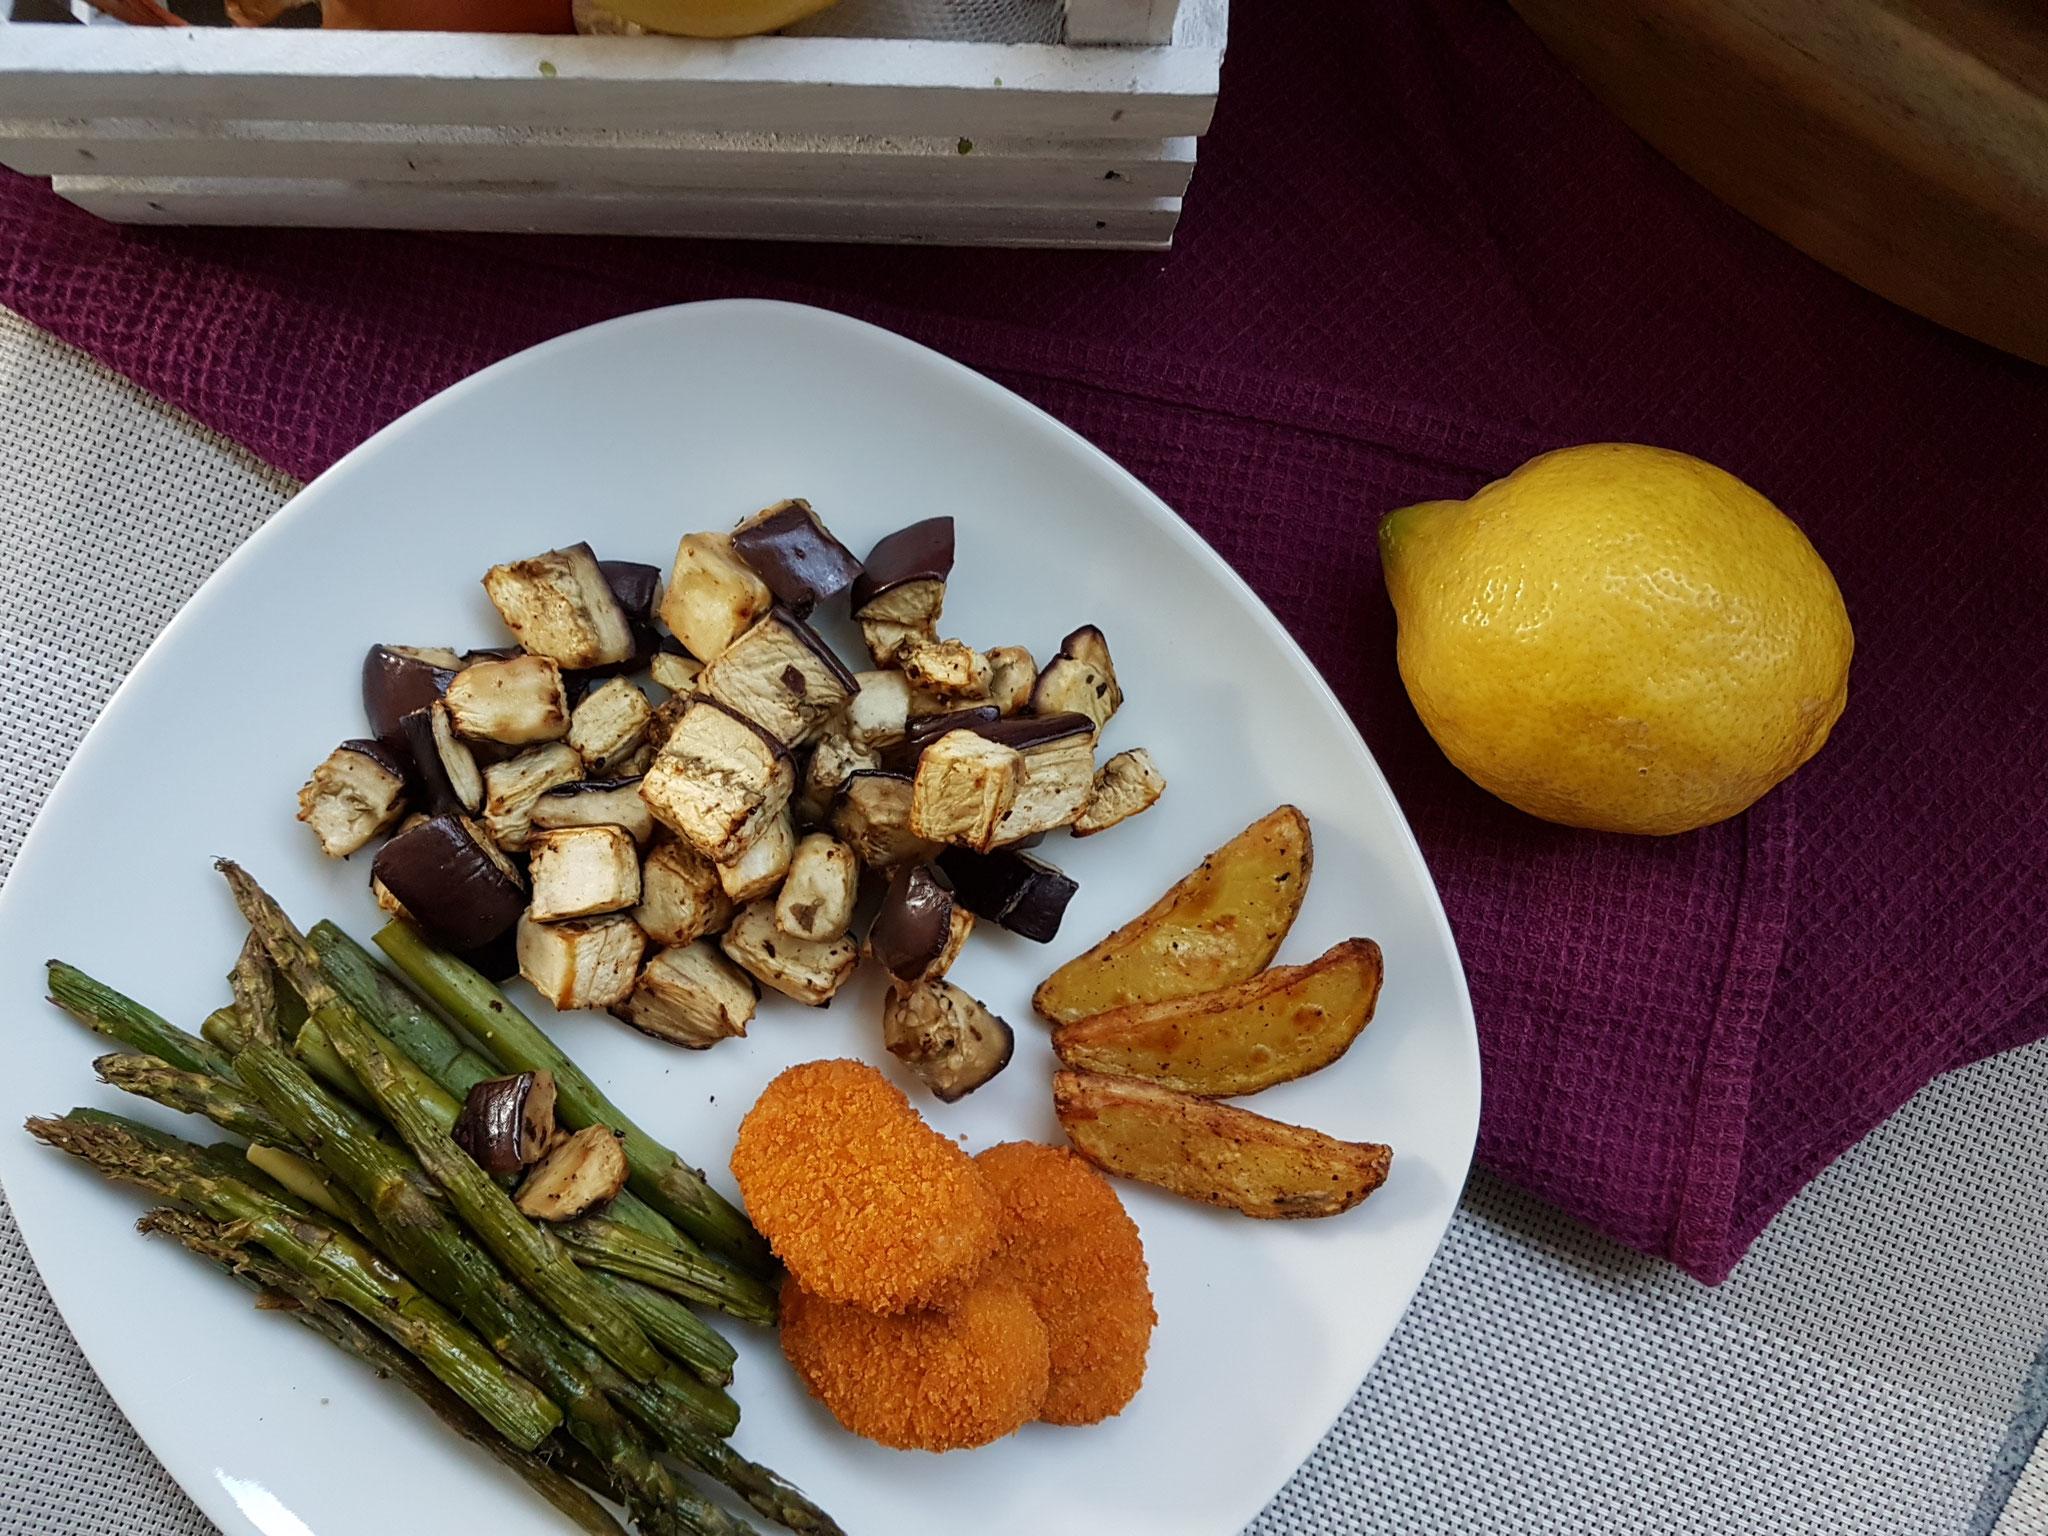 Veganes Fast-Food: Schneiden,Packung aufreißen, alles rein in' Backofen, fertig!